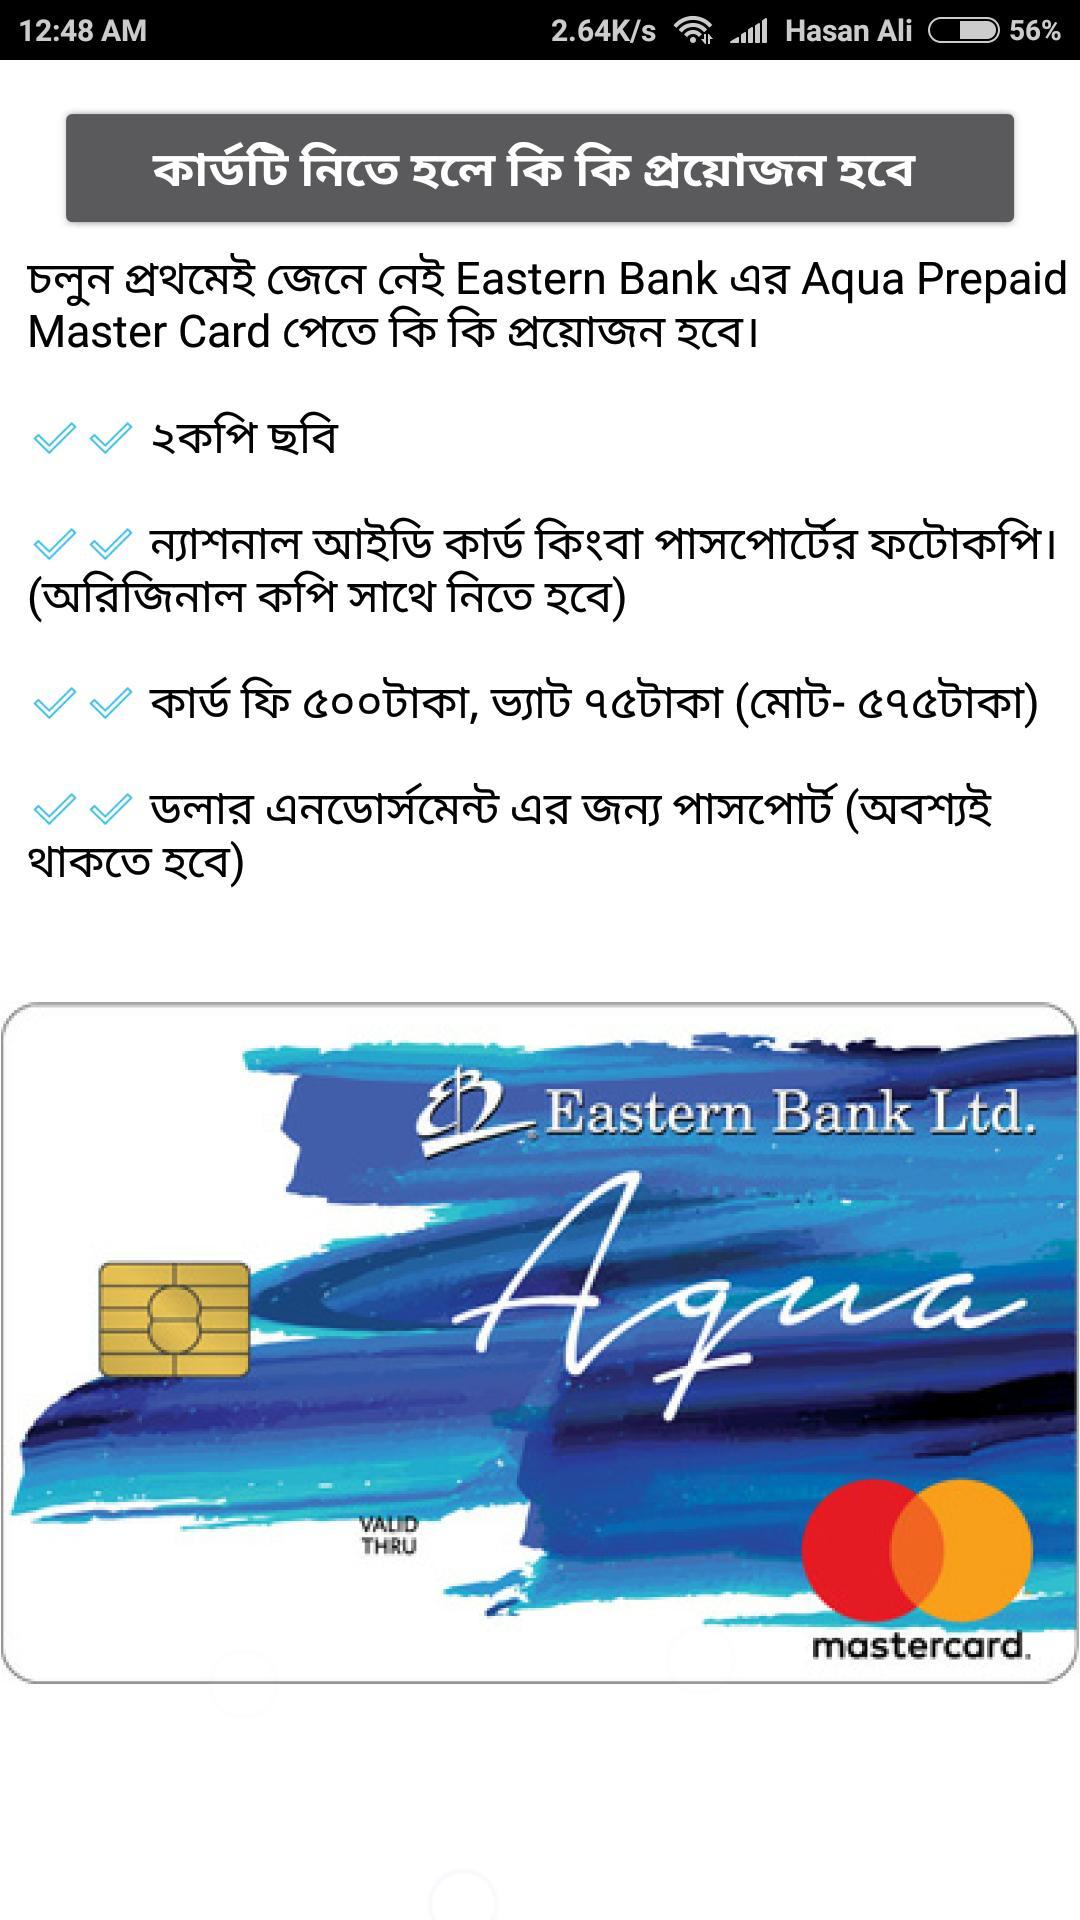 EBL Aqua Prepaid Card for Android - APK Download Prepaid Card Application Form on twic application form, loan application form, board application form, invitation application form, credit application form,